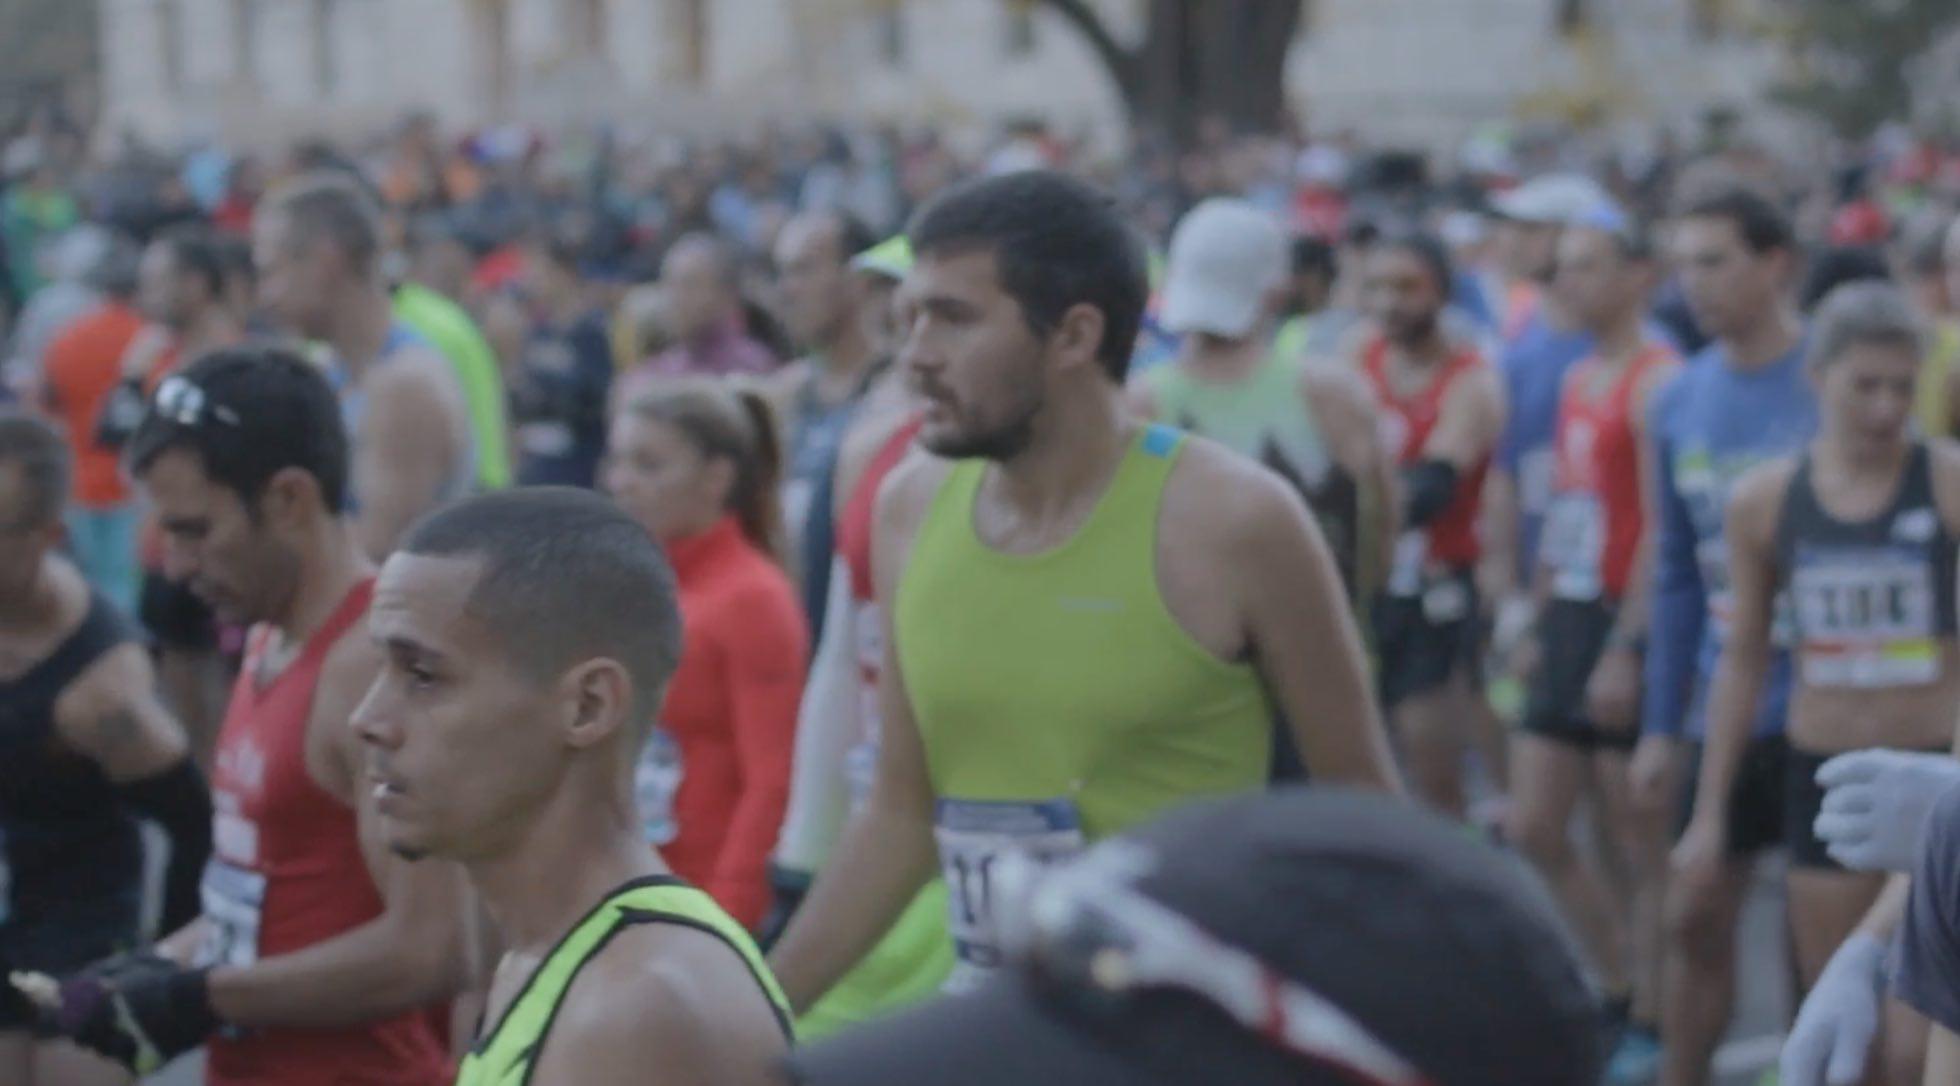 Marathon Registration Video